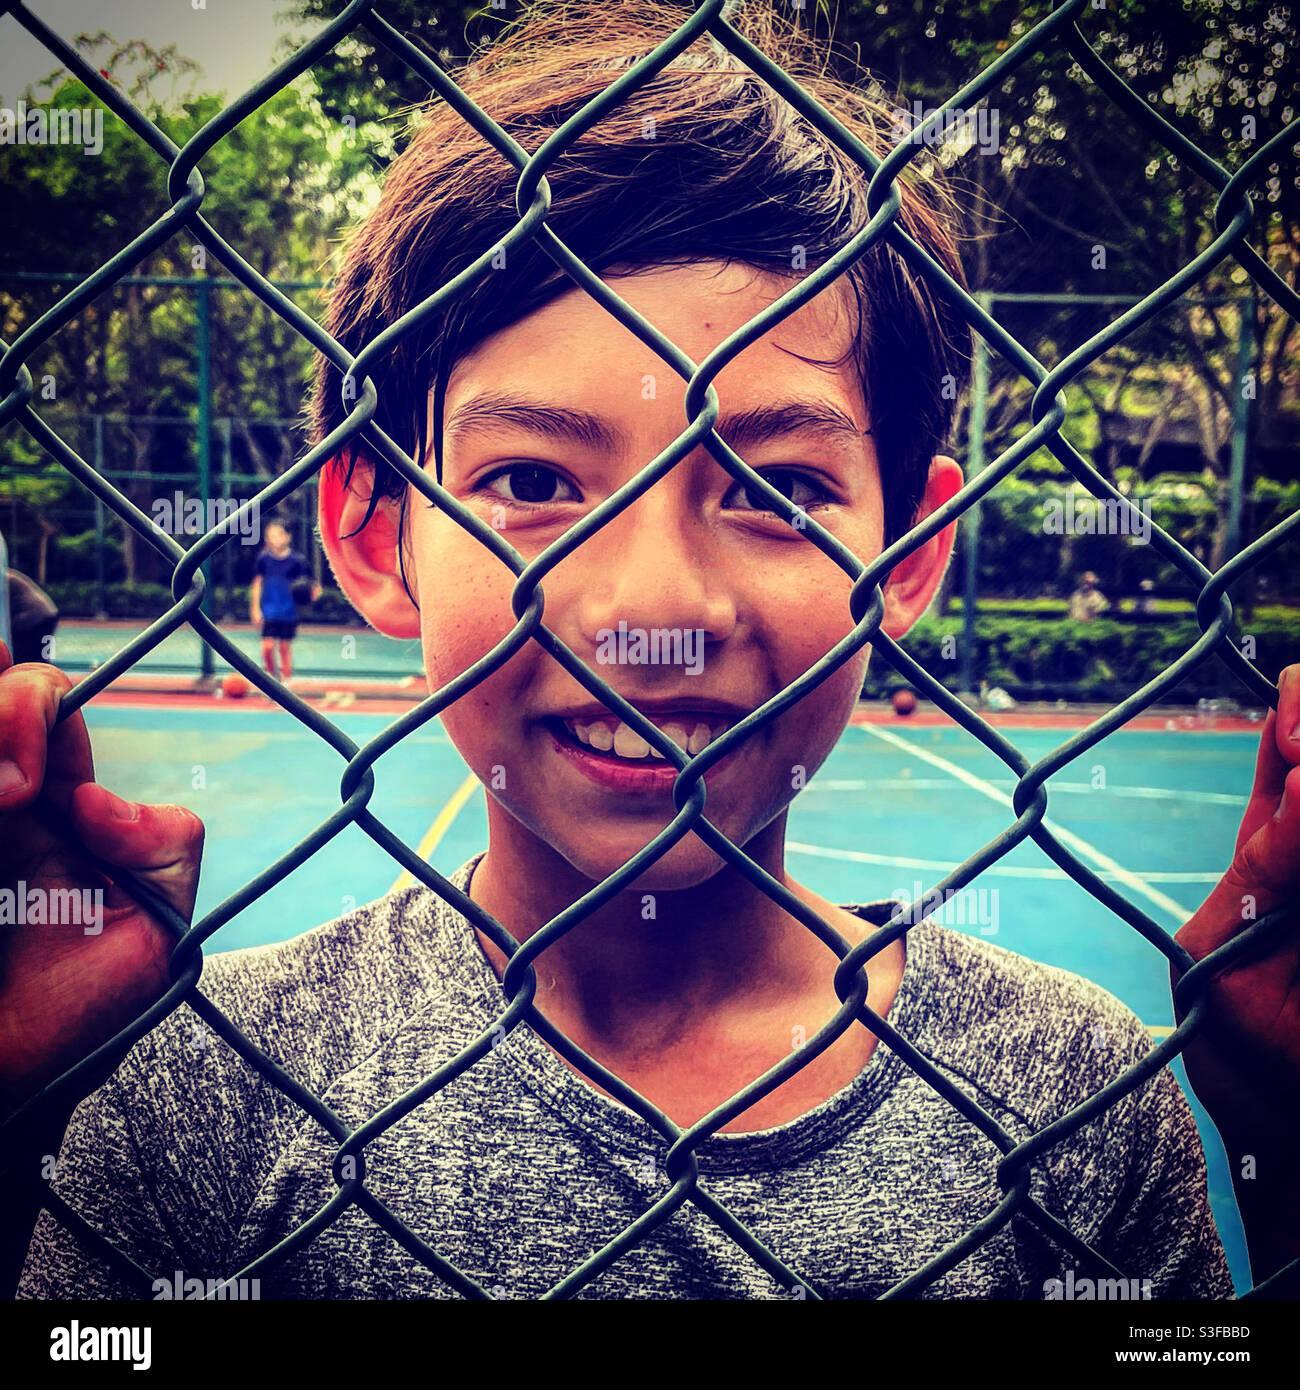 Fröhlicher und lächelnder Junge durch einen Gitterzaun Ein Basketballspielplatz im Freien Stockfoto